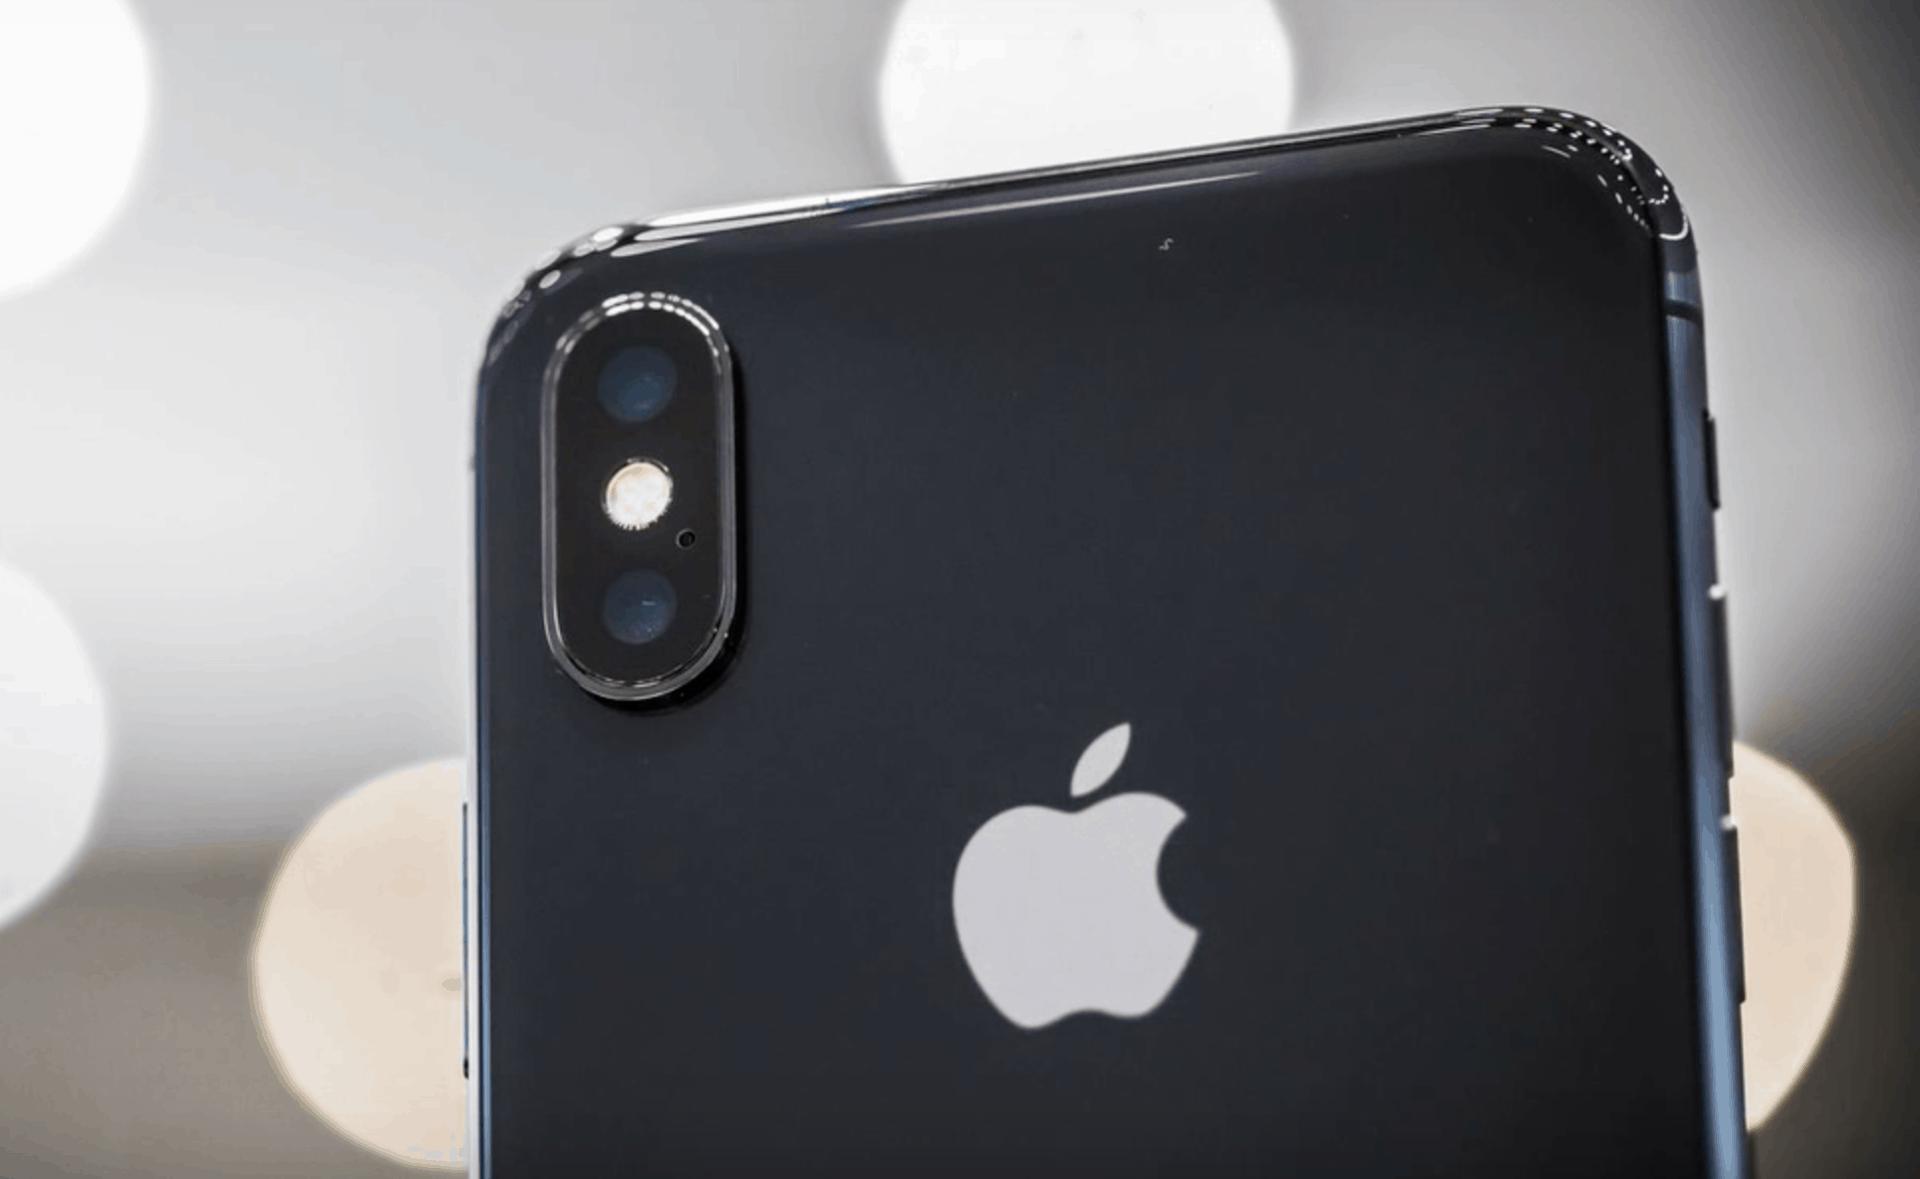 OLED panely nabídnou snad všechny nové iPhony. Apple diktuje trhu